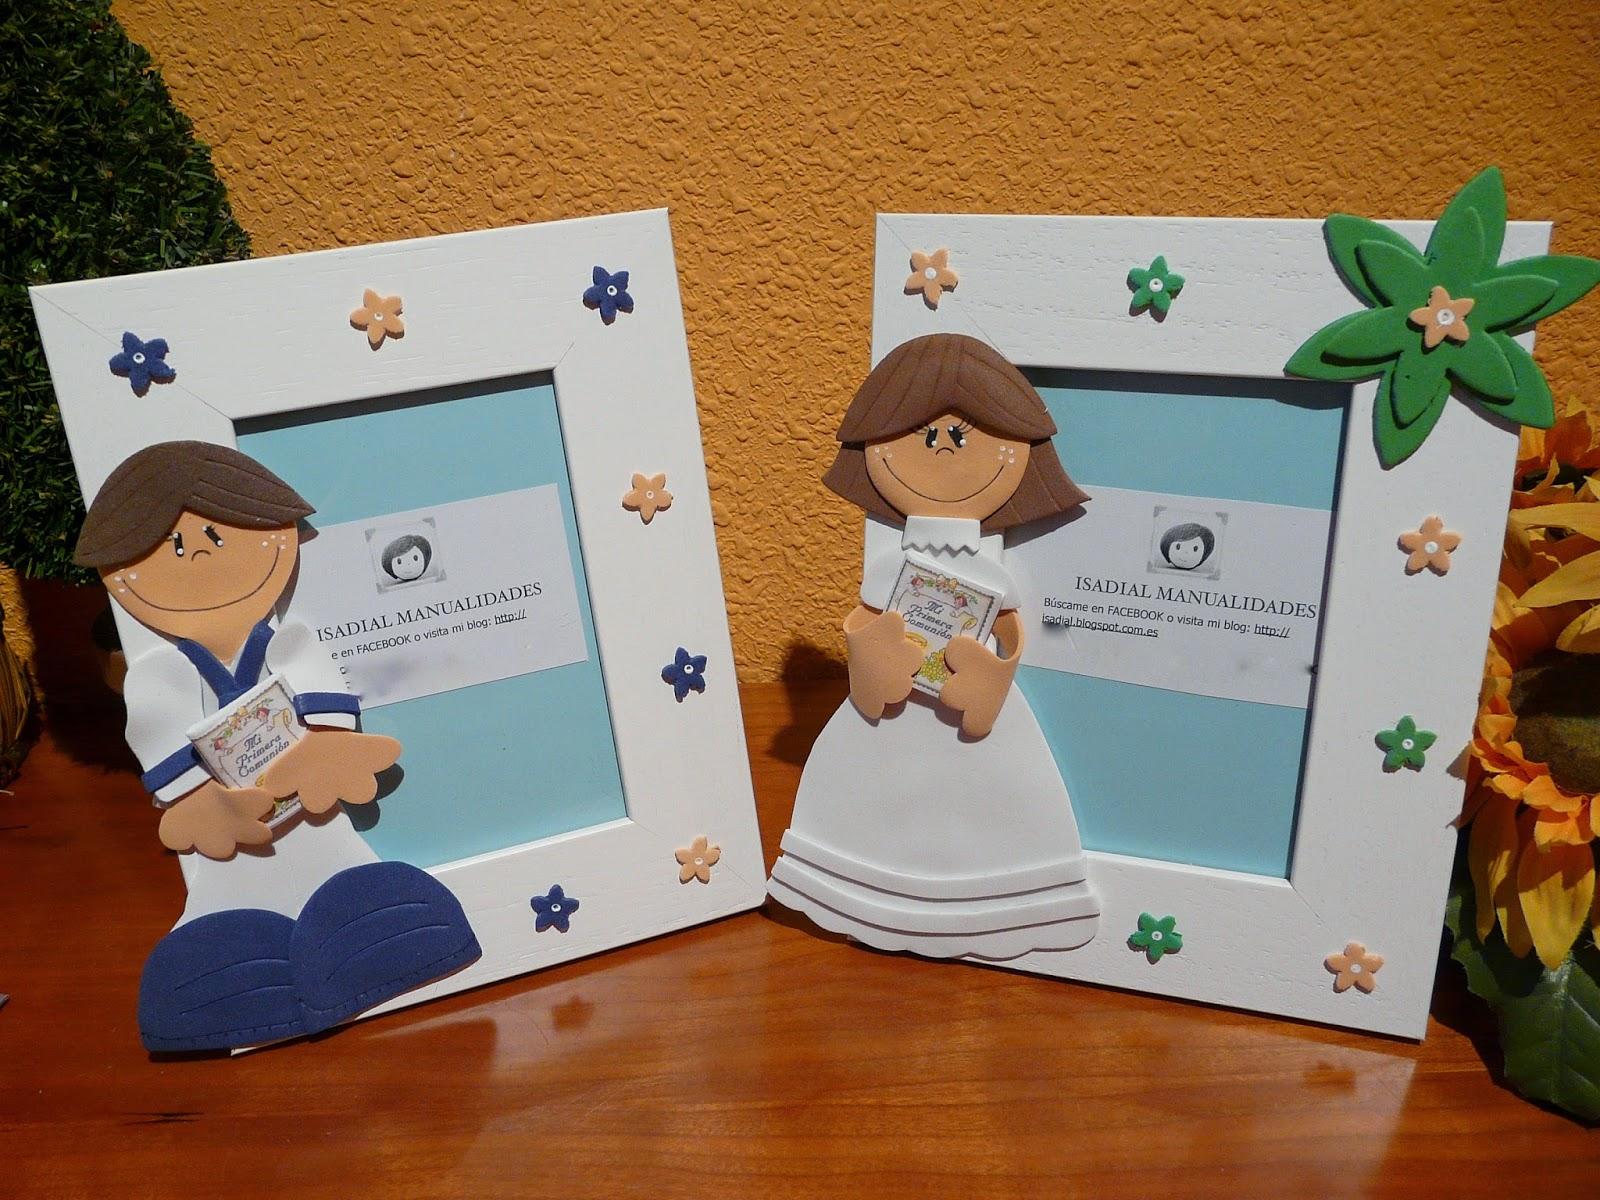 Manualidades isadial portaretratos de primera comunion - Manualidades para comunion ...